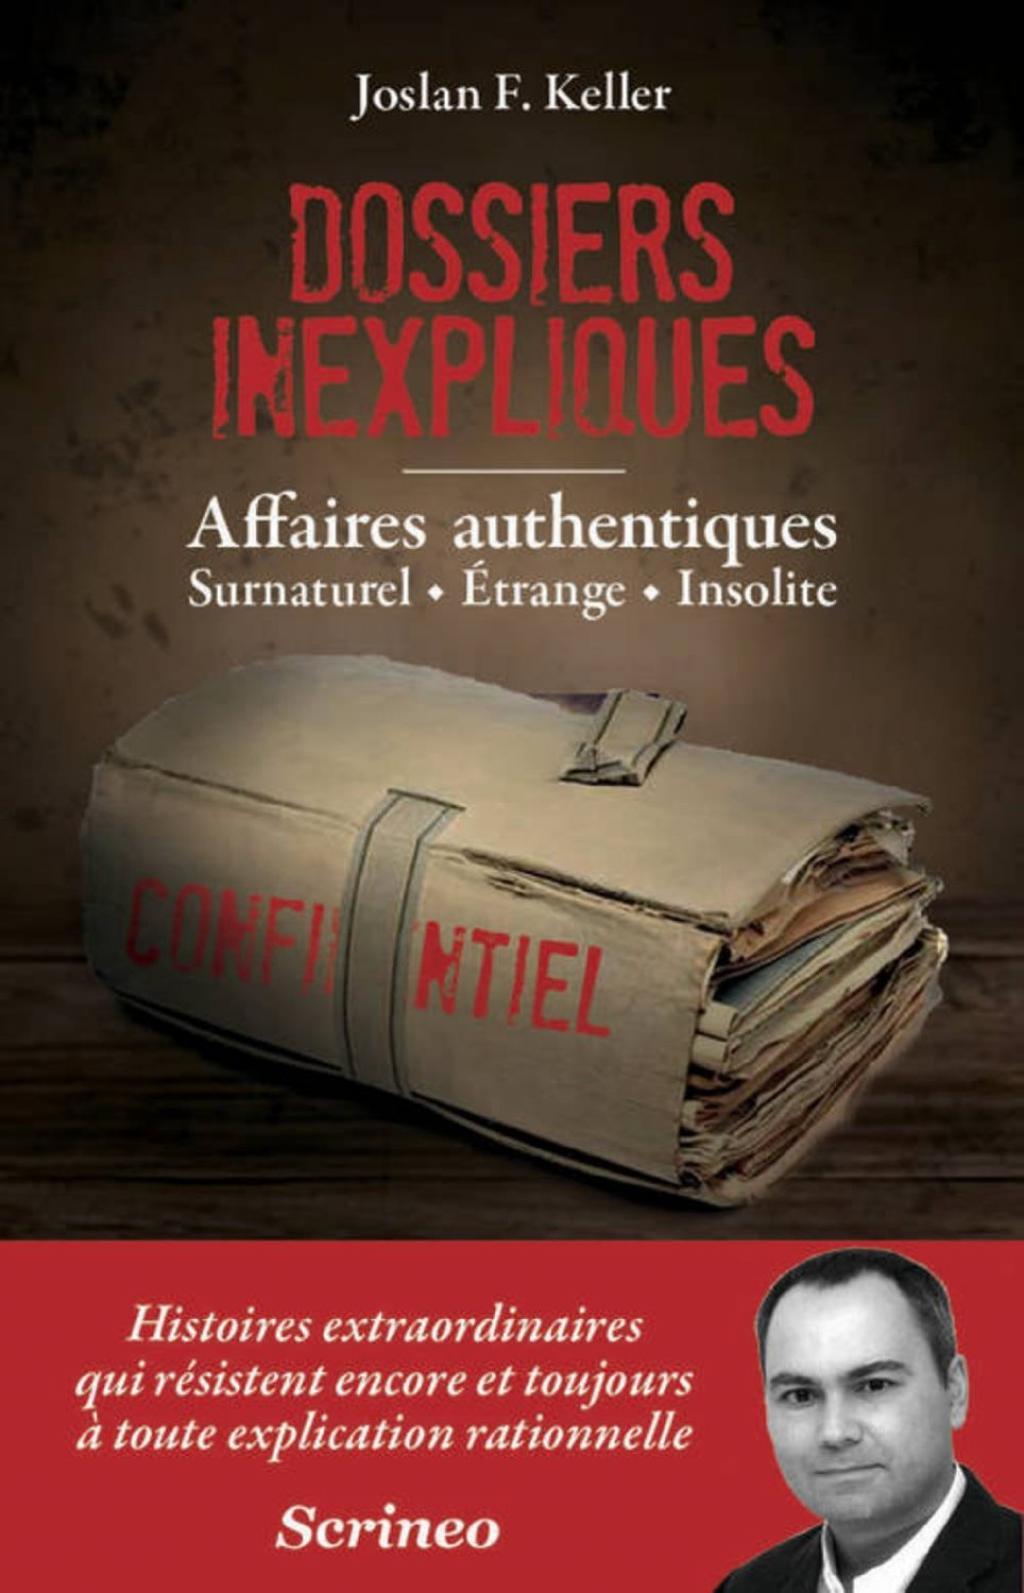 Dossiers inexpliqués : Affaires authentiques,  Surnaturel, Etrange, Insolite 001-4626c3e